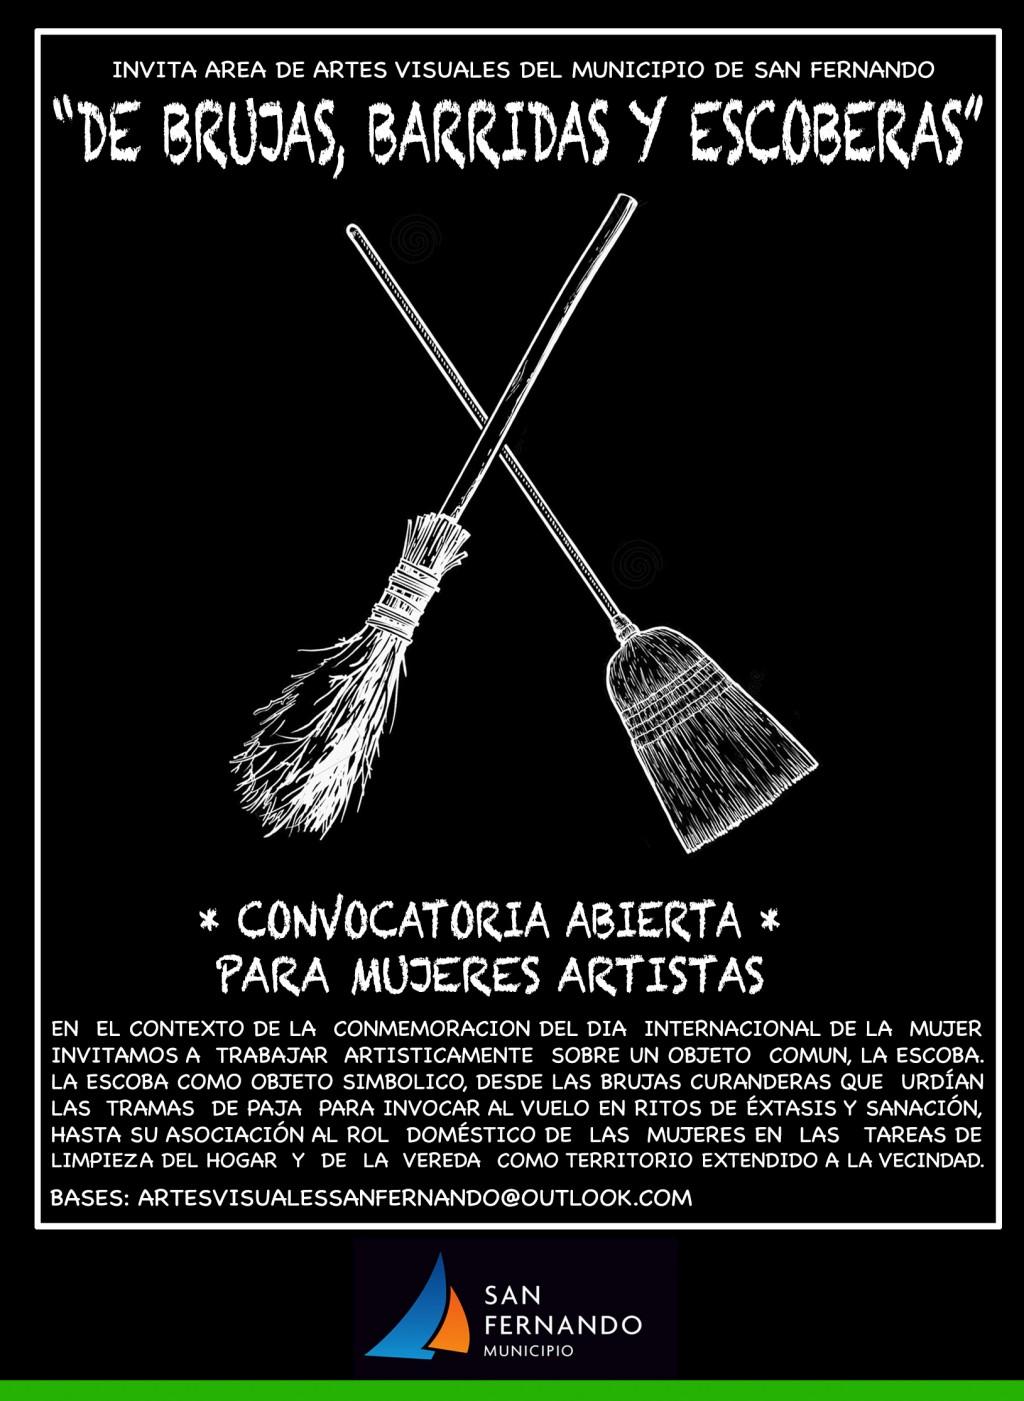 """Convocatoria abierta a participar de la muestra """"De brujas, barridas y escoberas"""""""